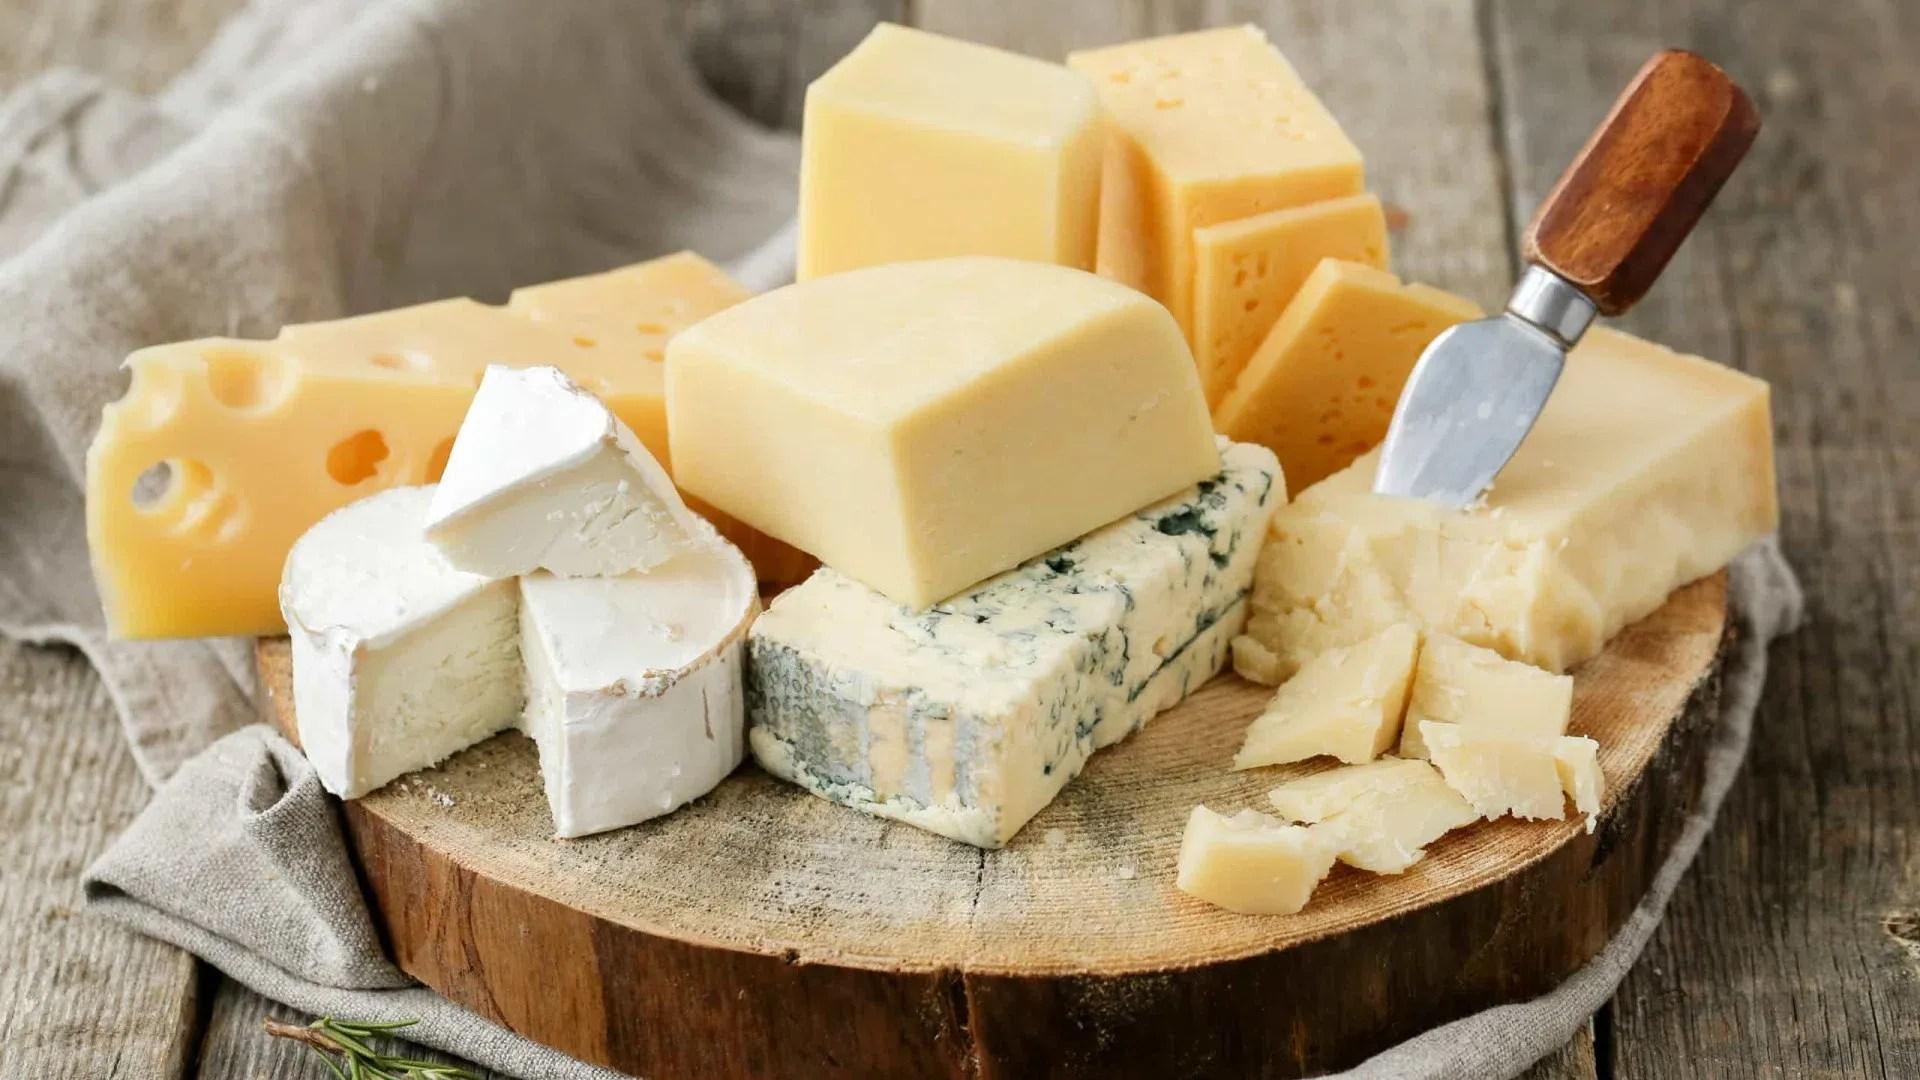 Embora o queijo seja uma boa fonte de proteínas, cálcio e fósforo, infelizmente, o seu consumo em excesso pode ter efeitos indesejados.